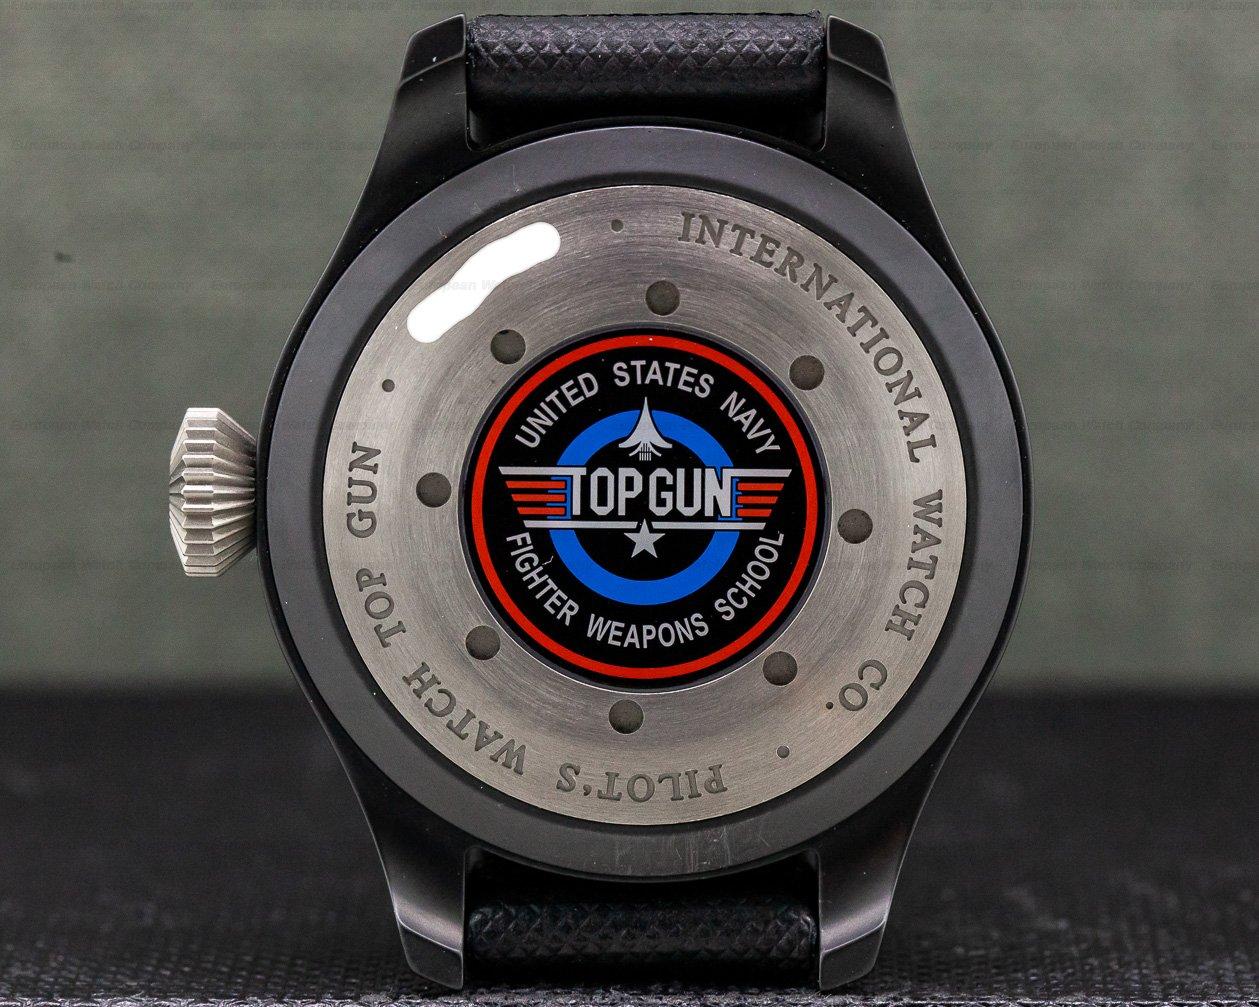 IWC IW502902 Top Gun Big Pilot Perpetual Calendar Ceramic